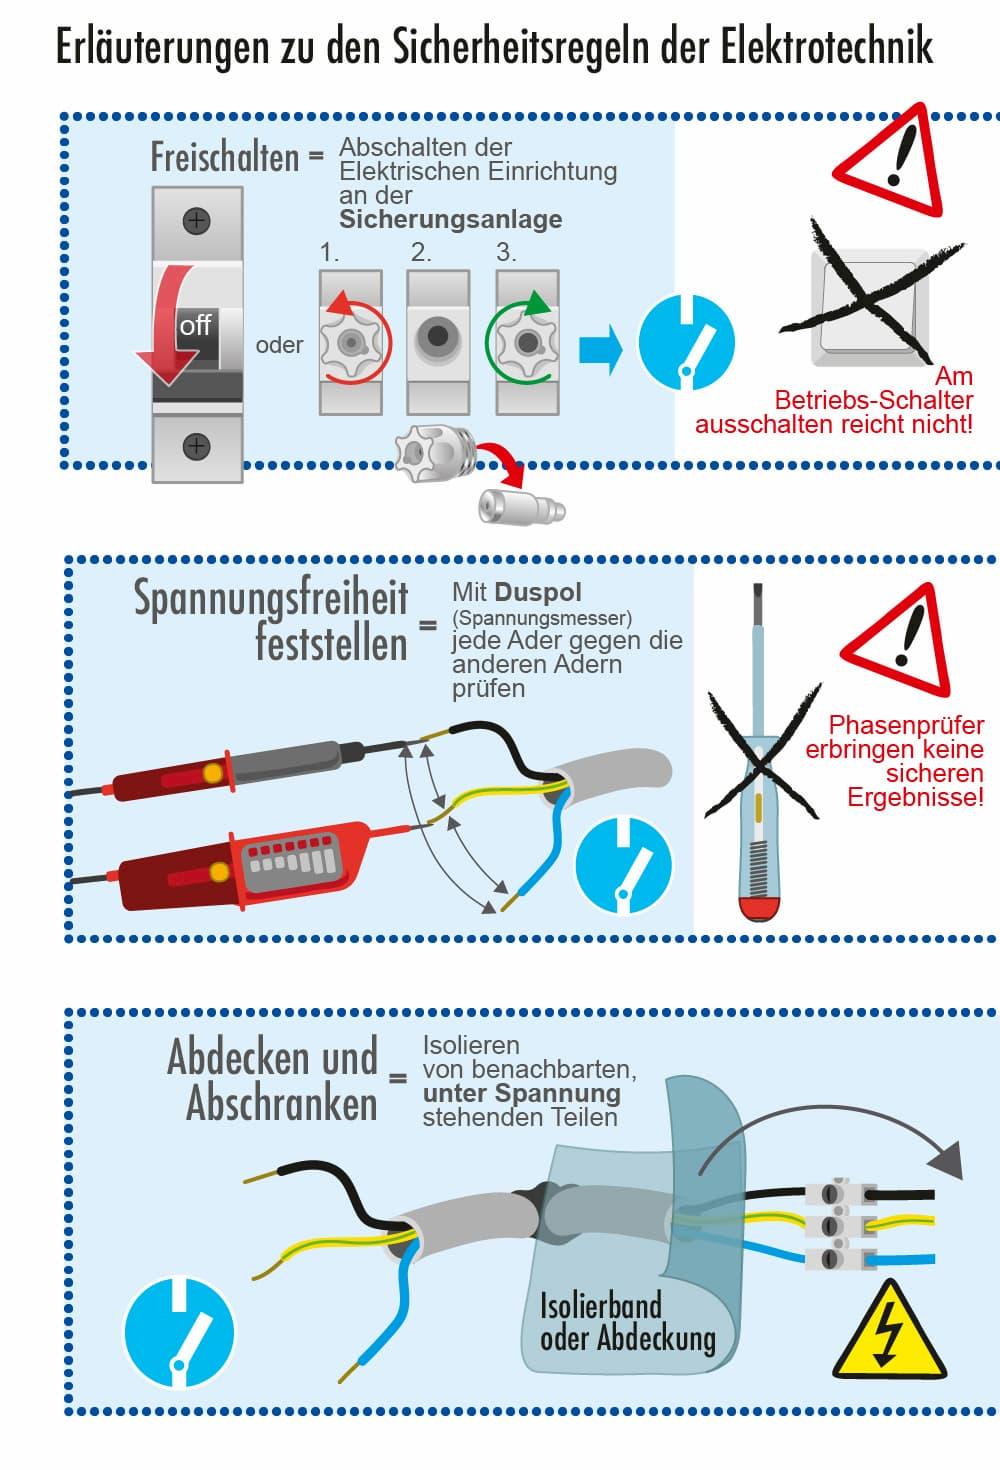 Sicherheitsregeln der Elektroinstallation